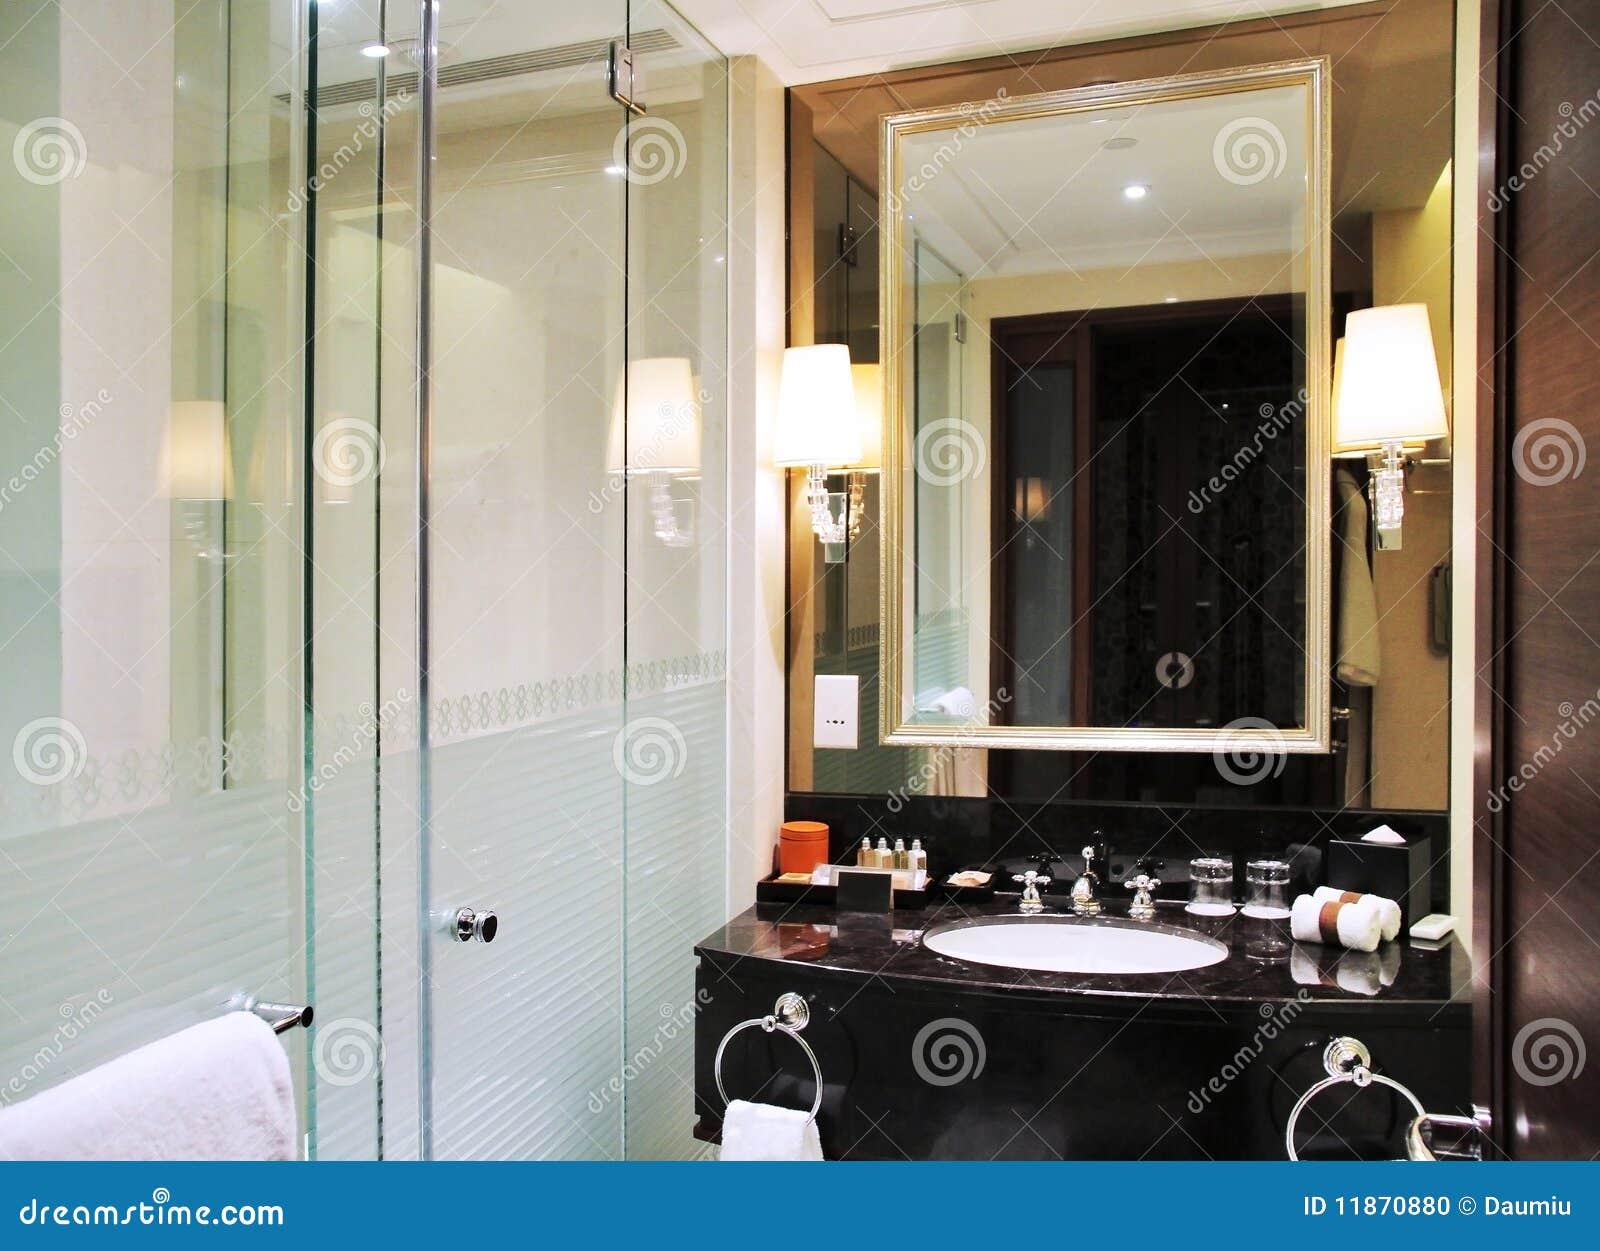 Luxury Hotel Washroom Stock Photo Image 11870880